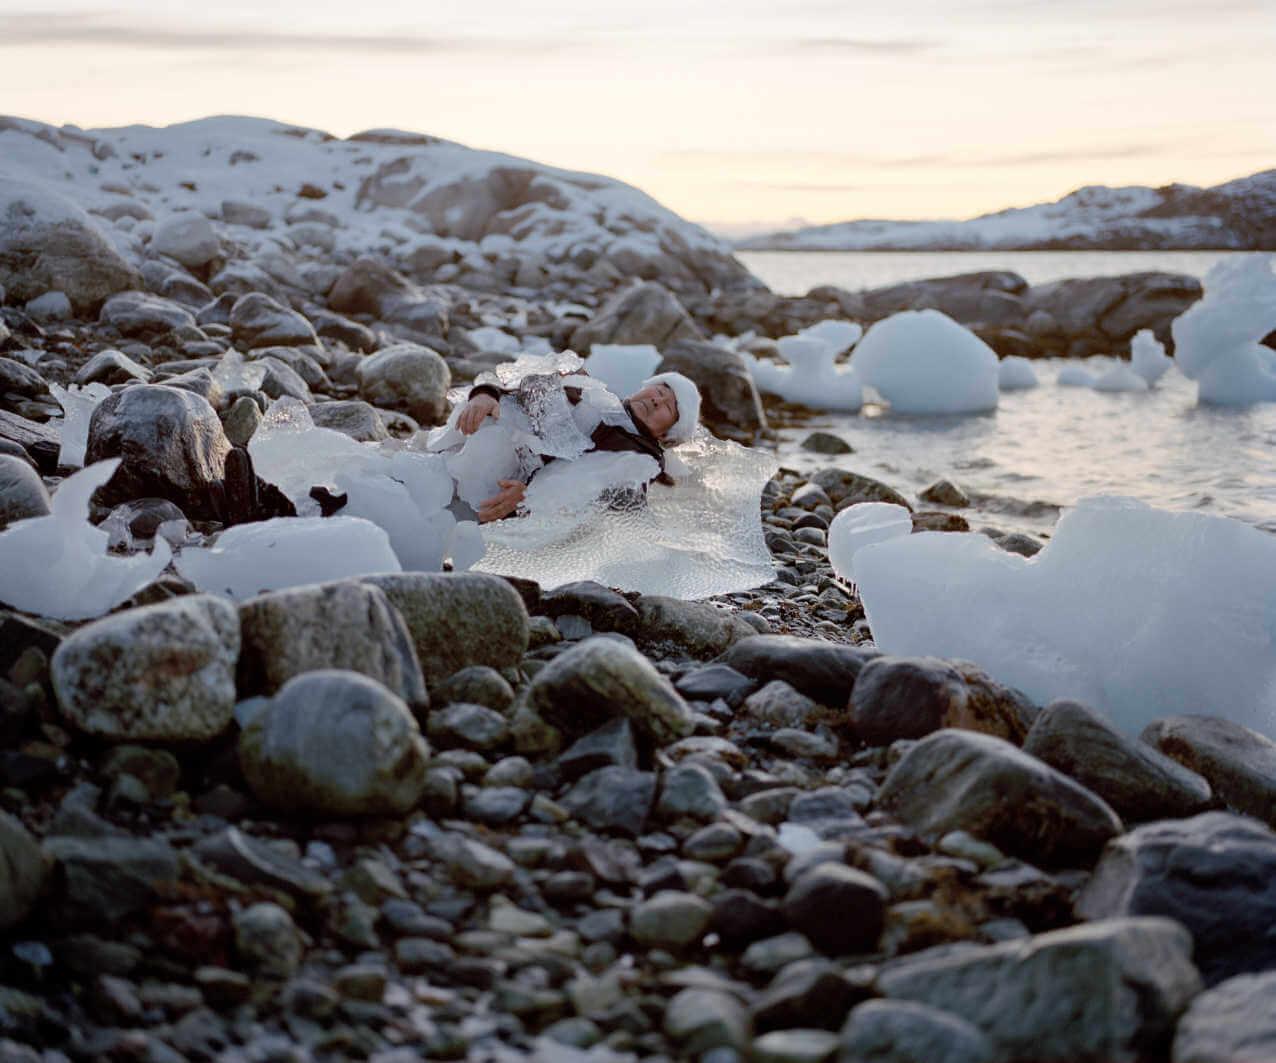 mujer tumbada en el hielo simulando una escultrura humana